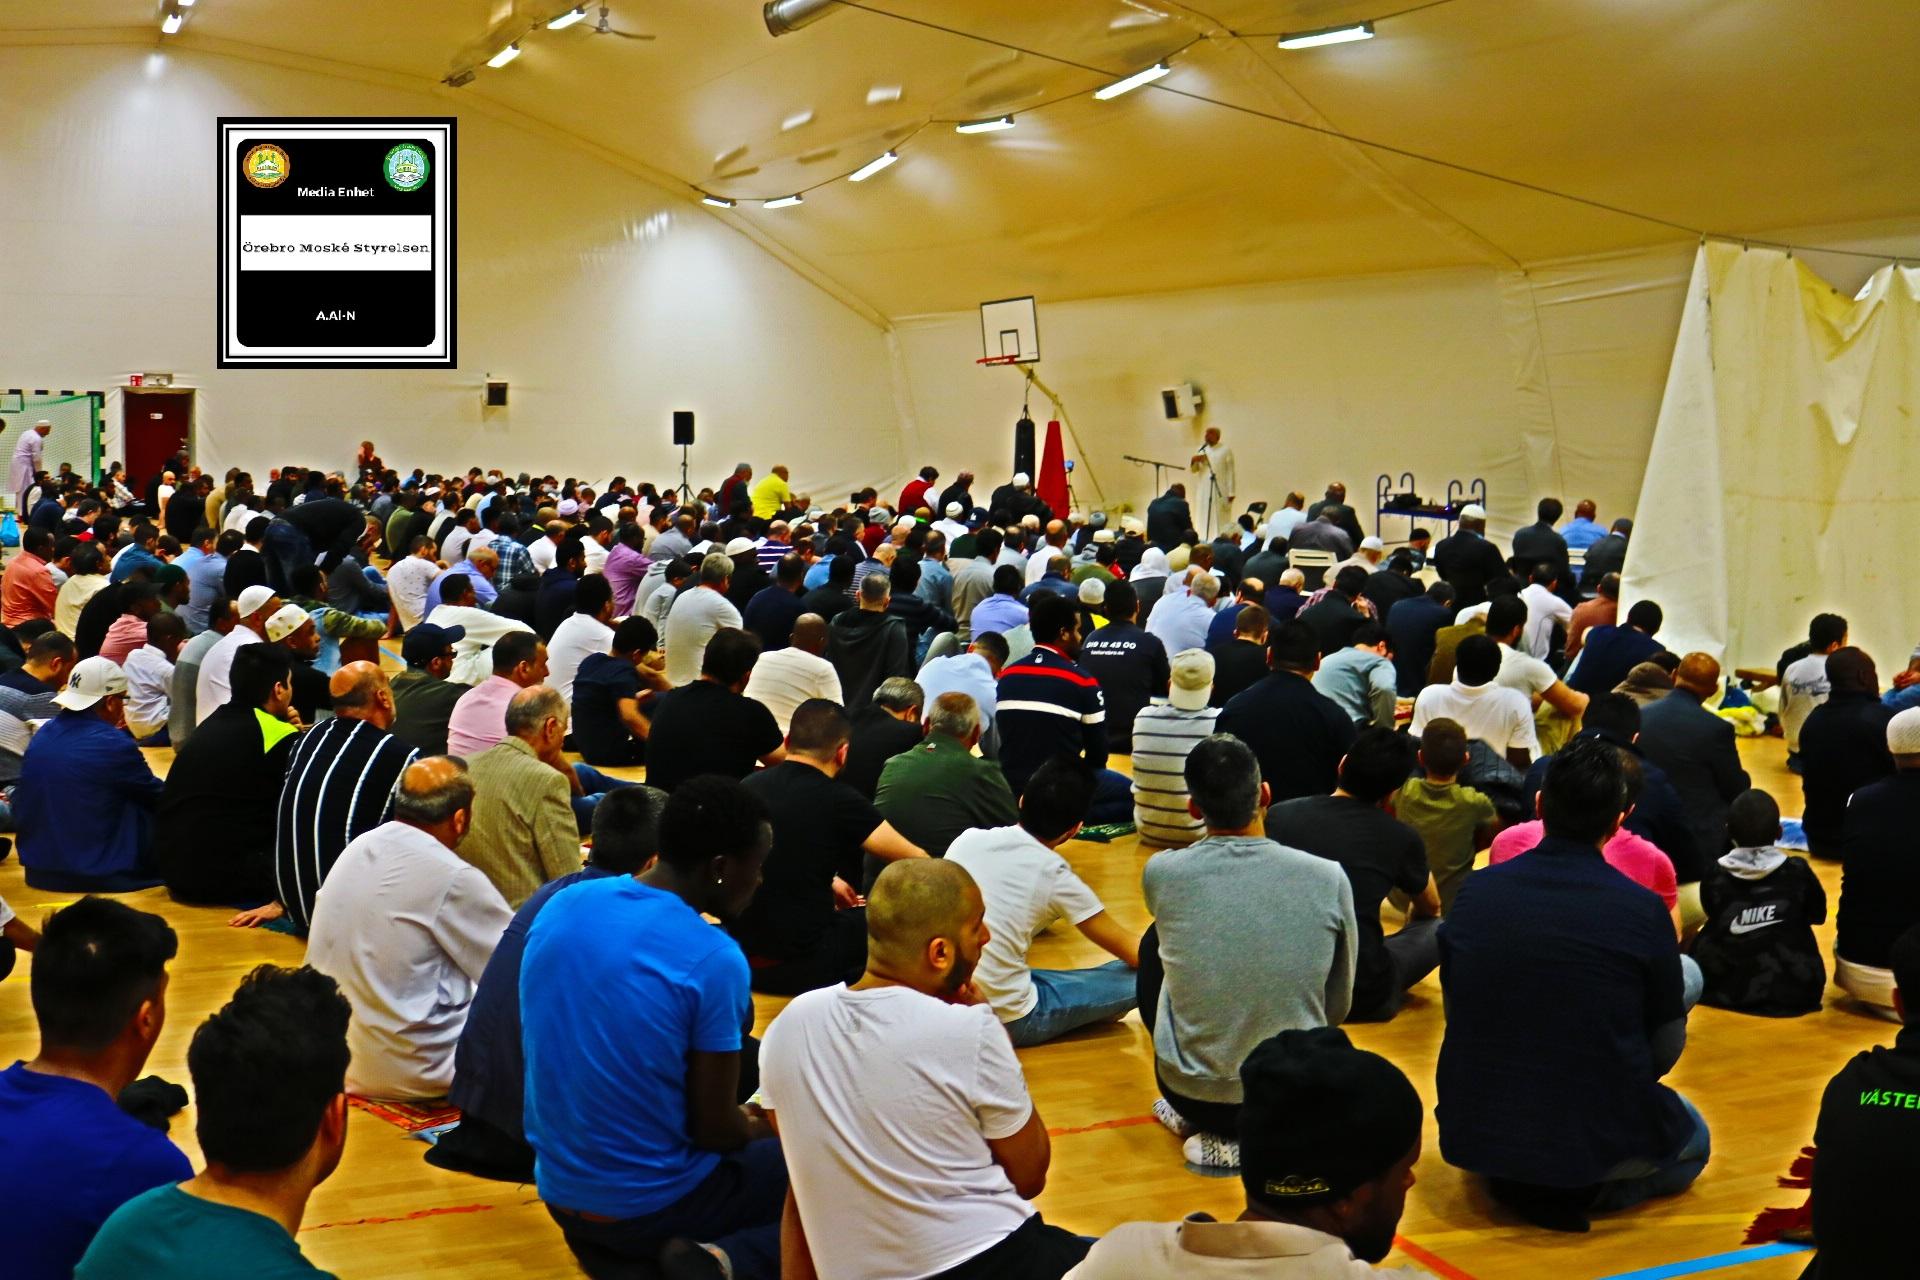 """هدى النبي في حل النزاعات 2019-04-26 *************************** Shikh Abu Husam Hariri *************************** Friday Bön - Friday Prayers صلاة الجمعة *************************** FILMED ON LOCATION *************************** Ballonghallen i Örebro """"En tillfällig plats efter moskén brändes"""" *************************** Sverige - السويد – Sweden *************************** DIRECTED BY ********************************* A.Al-N ********************************* Effected Video (Facebook) ********************************* Irakier i Örebro - Iraqis in Orebro (Facebook) ********************************* Örebro moské älskare - Orebro mosque lovers - محبي مسجد اوربرو (Facebook) ************************************************ Effected Video (YouTube) http://www.youtube.com/channel/UCSEb-ibpdTXYFwLsCf8E3Aw ************************************************ Baghdad forever (YouTube) http://www.youtube.com/user/baghdadiforever"""